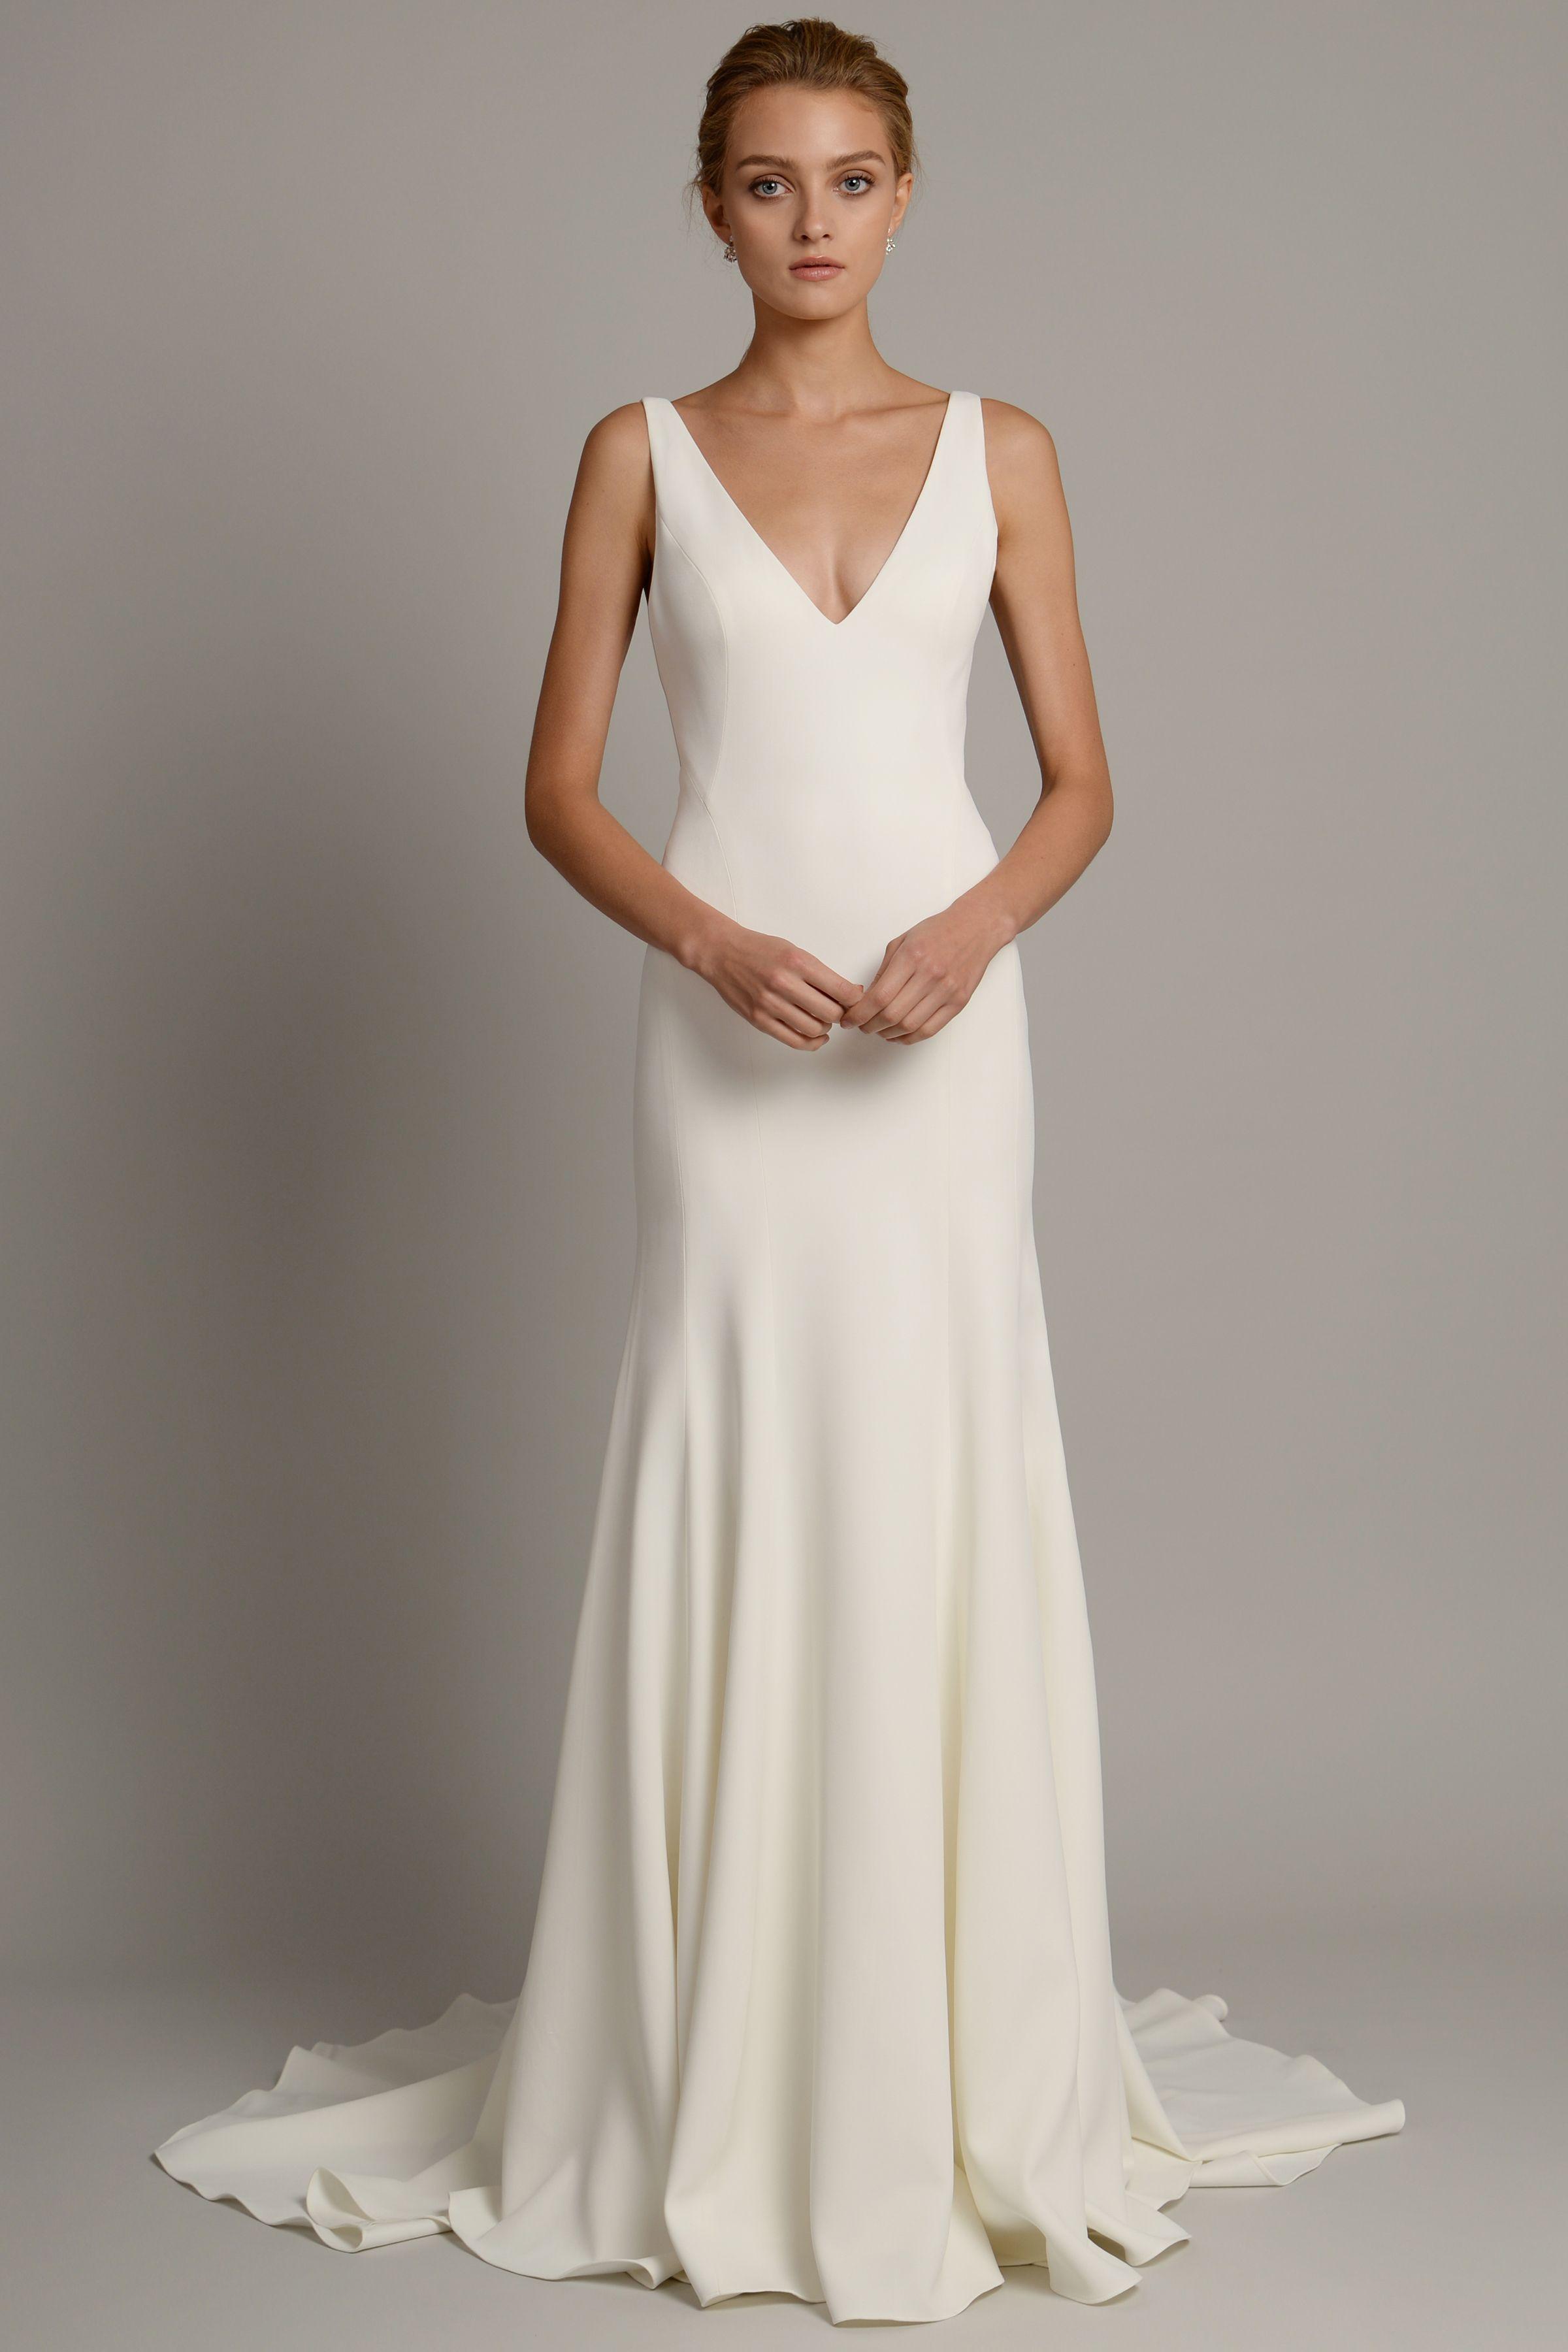 The Finley Gown A Line Wedding Dress Wedding Dresses Simple Summer Wedding Dress [ 3600 x 2400 Pixel ]